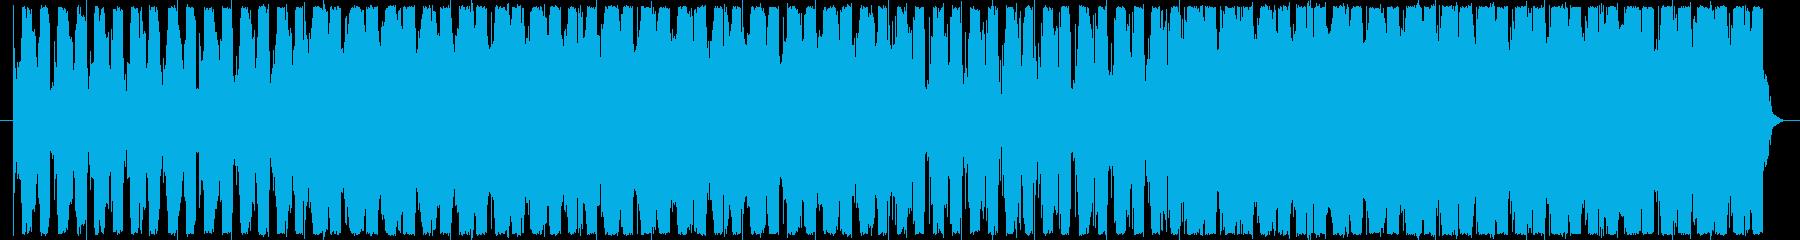 電子音楽とRPGのフィールドBGMの融合の再生済みの波形